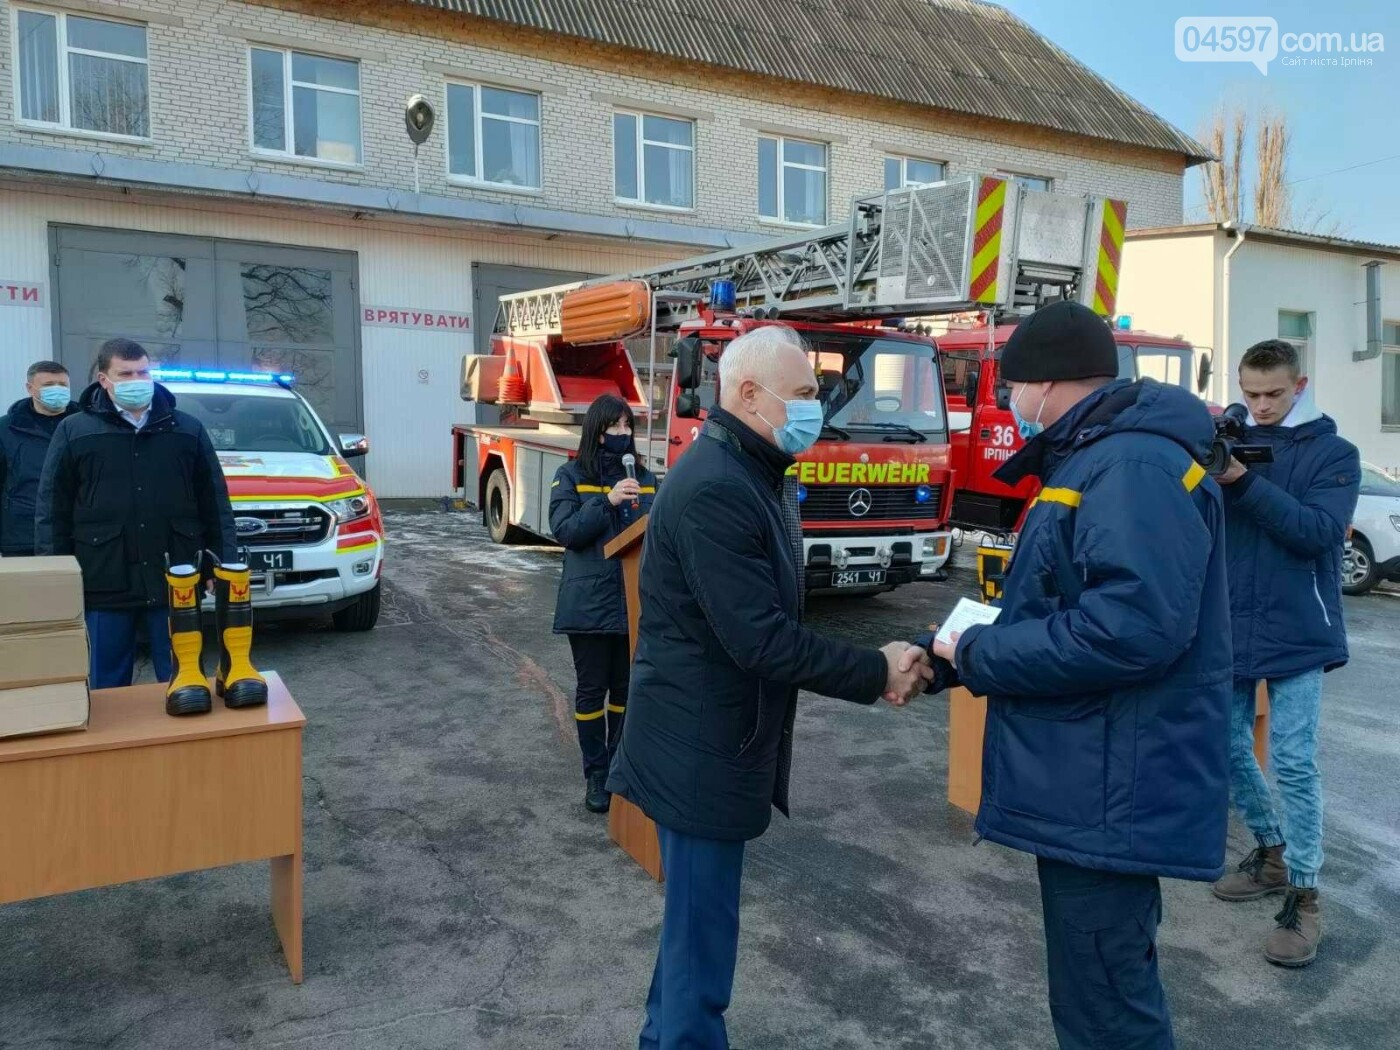 В Ірпені пожежники отримали нову техніку